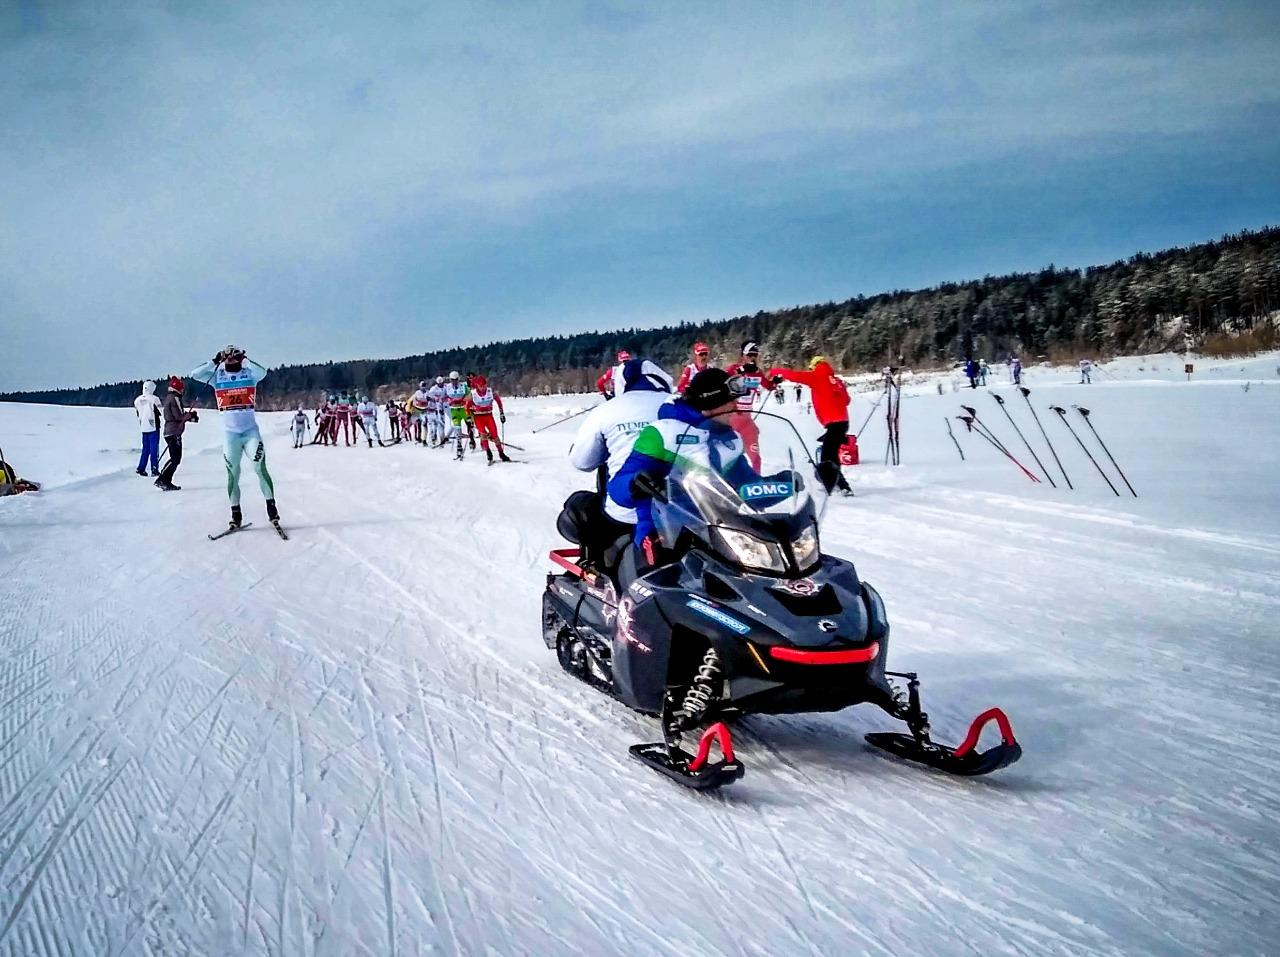 Снегоход всё время шел с лидерами, а оператор на нём снимал ход борьбы. Питание принимает лидировавший по ходу гонки Рифат Сафиуллин.